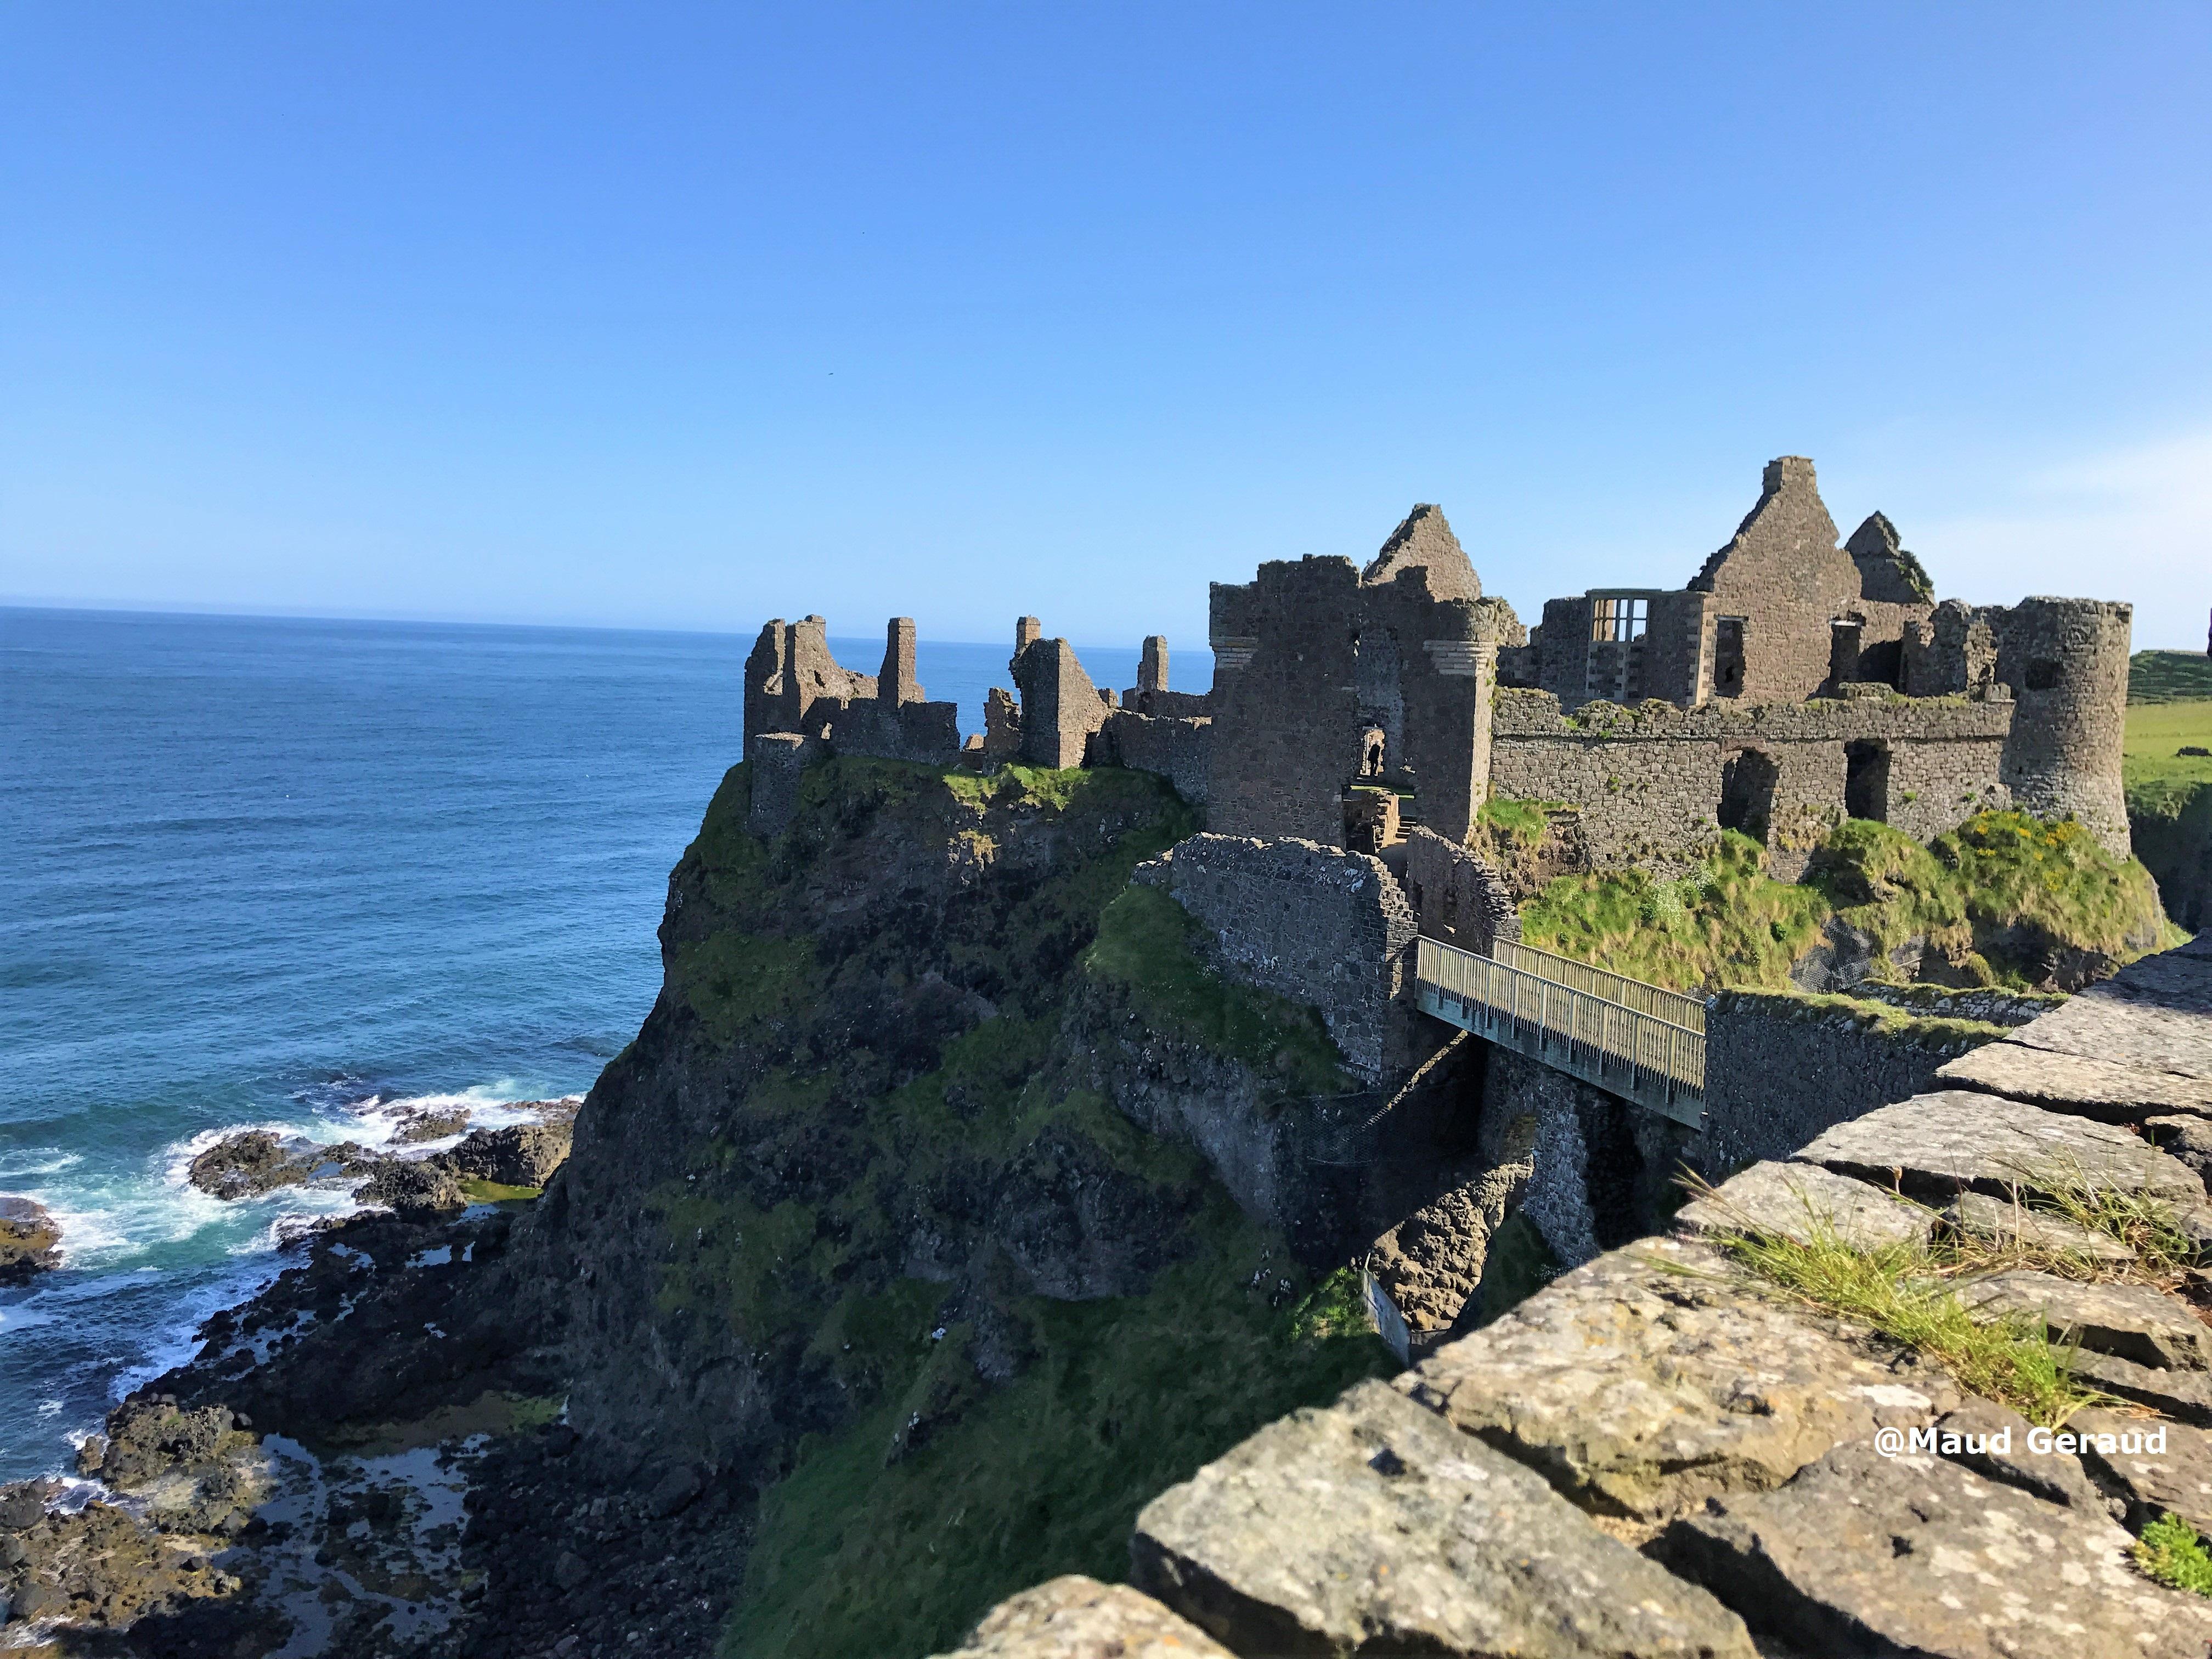 que suis -je et où? - ajonc- 25 mars bravo Jovany Dunluce-Castle-2